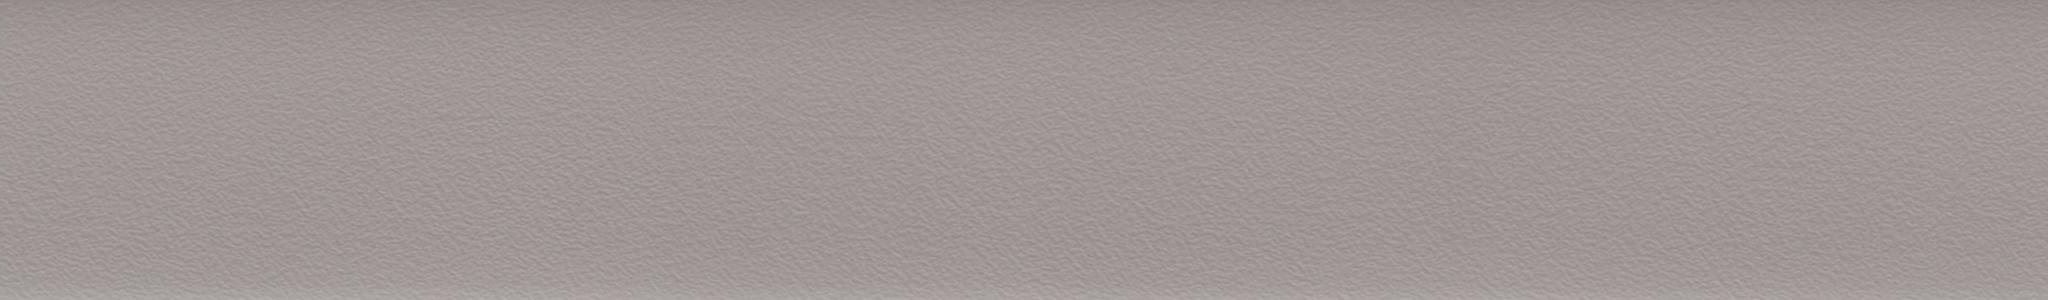 HU 17927 ABS Edge Grey Basalt Pearl XG